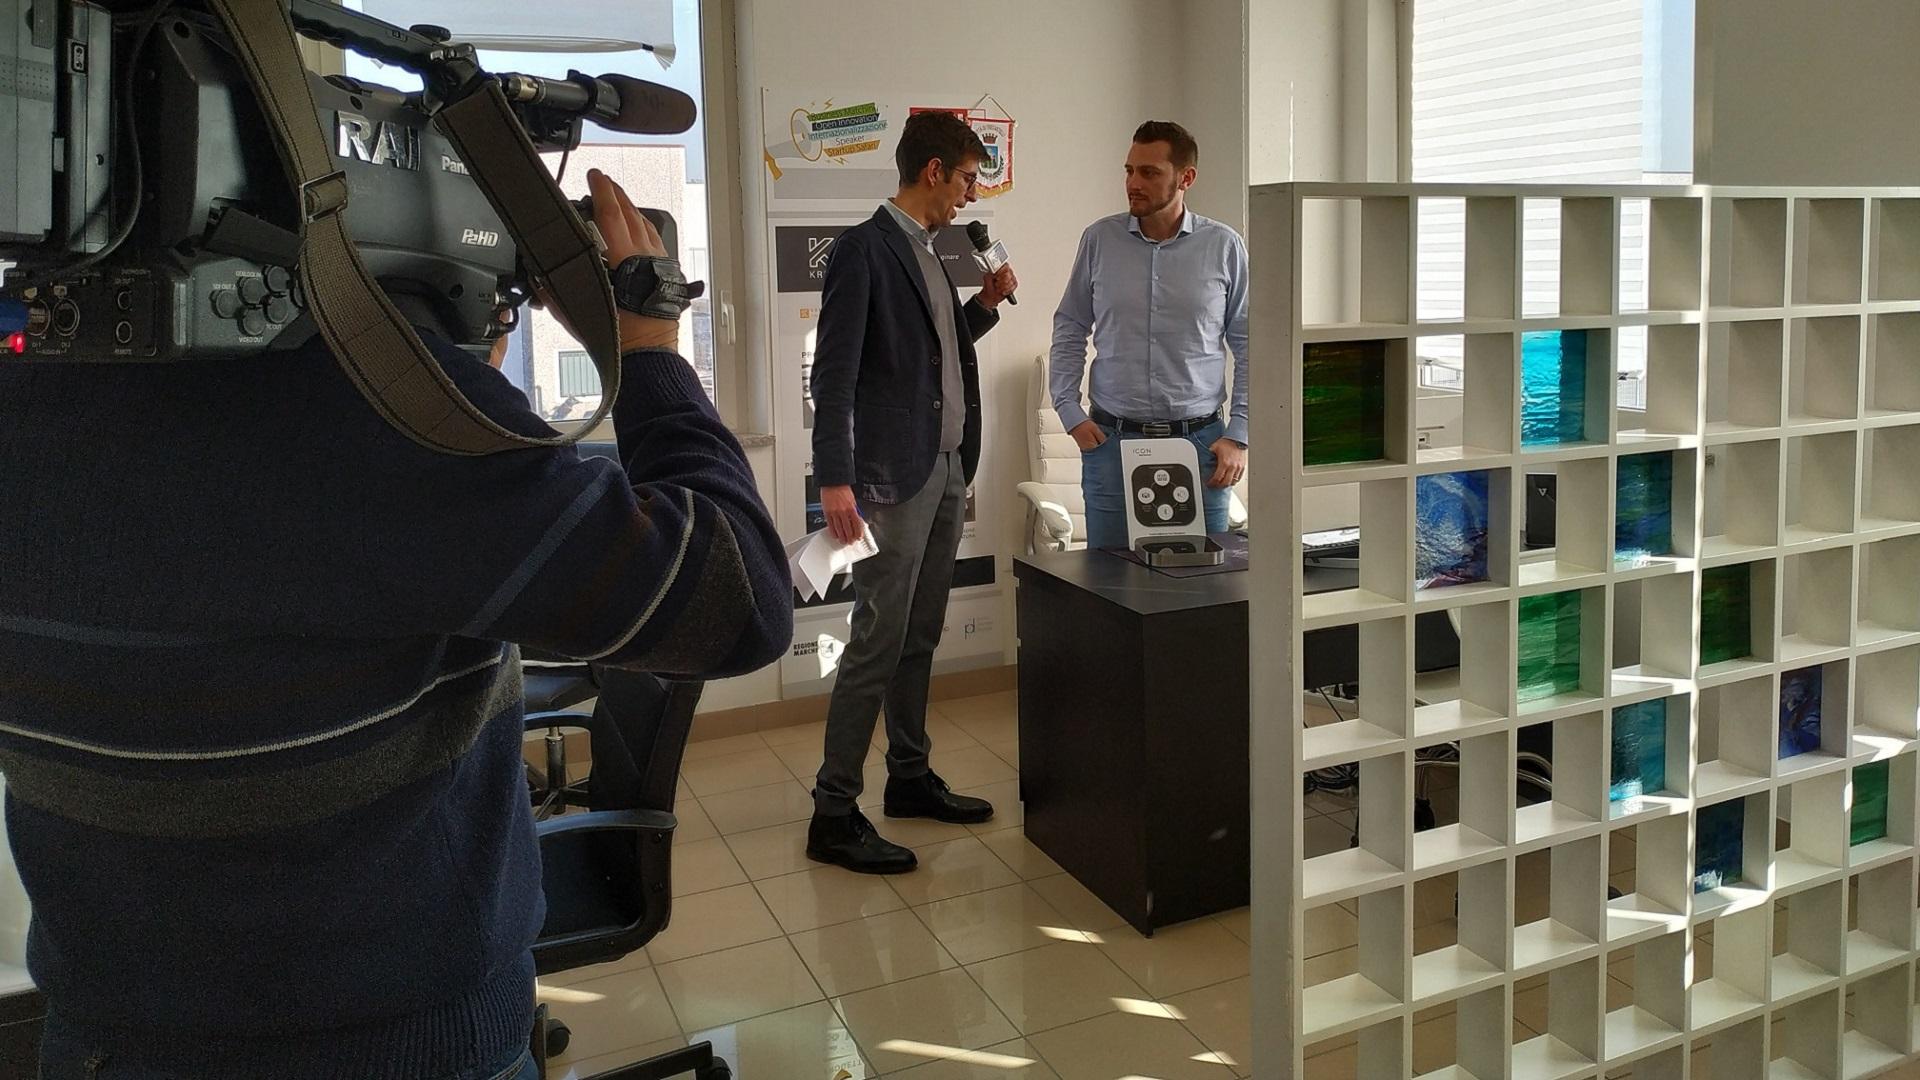 KREA Italy TGR RAI Marche - KreaItaly, Stampa 3d - Stampanti 3d Marche - Stampanti 3D prezzi - Aziende stampa 3d